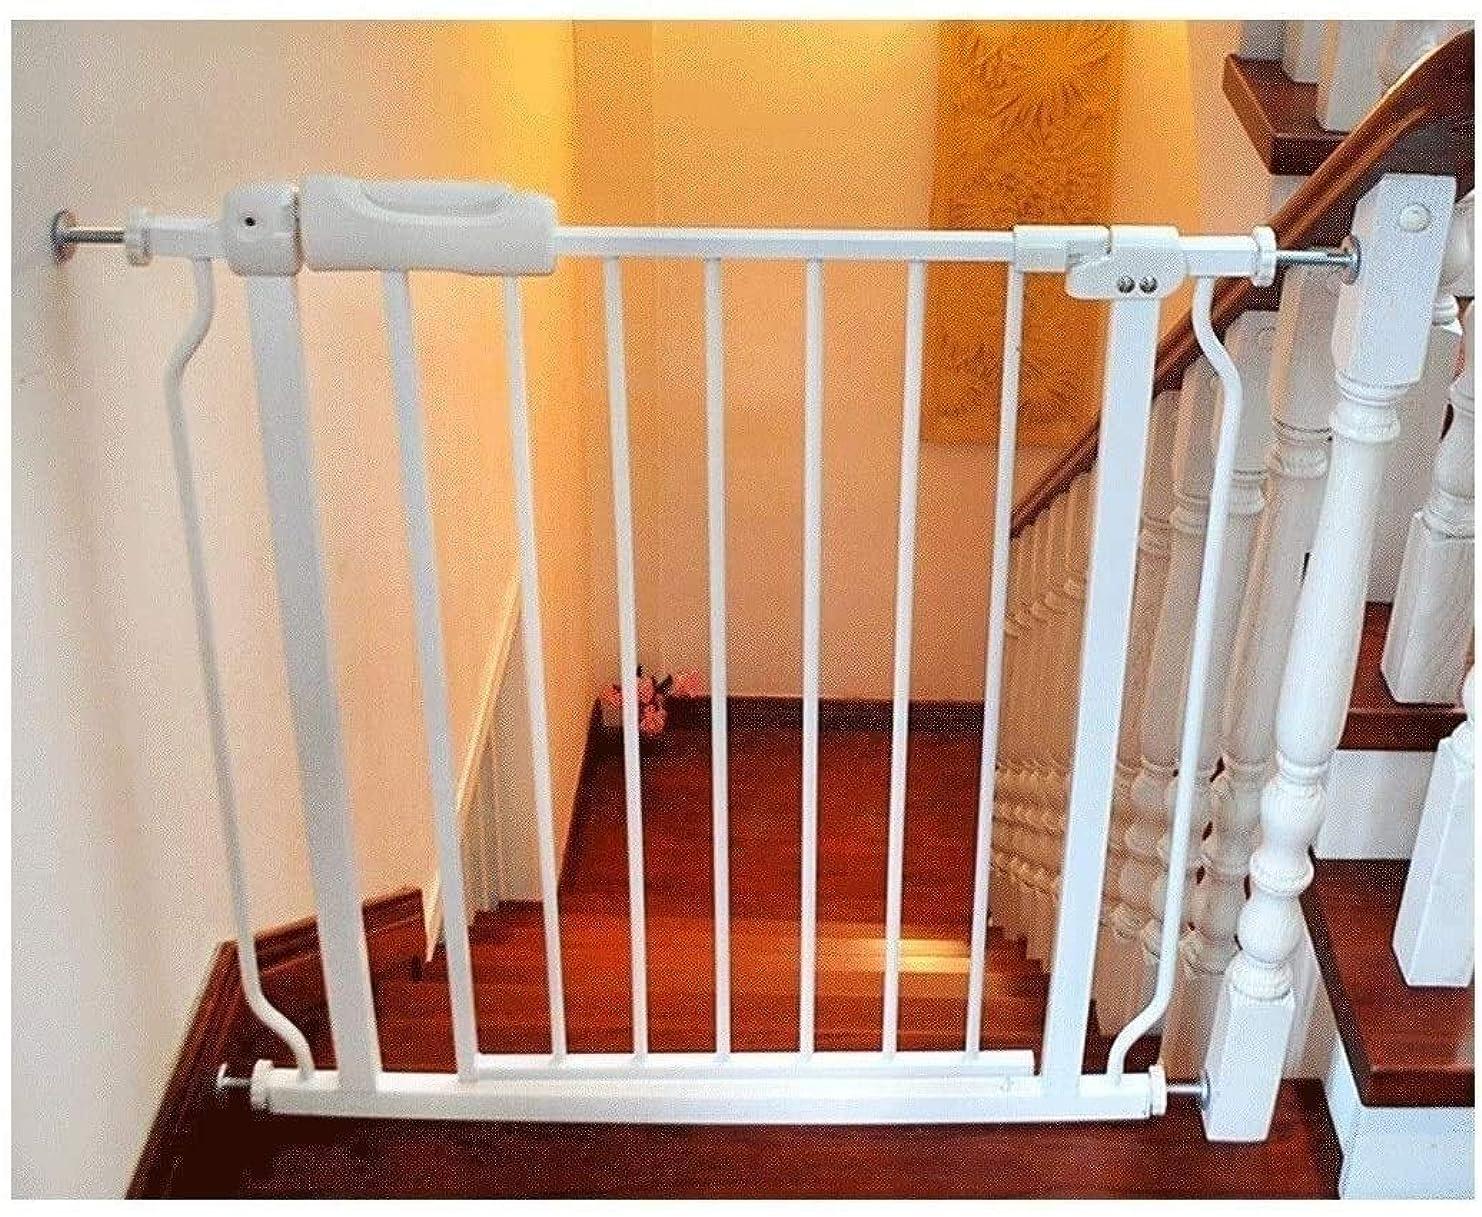 曲がったギネスブレースベビーゲート フェンス ドア付き 階段や廊下の壁には、デュアルロックベビーゲート簡単に調節可能なエキストラ安全な階段子供の安全ドアパンチフリーインストールマウントペットフェンス圧力締結(Hの76センチメートル) (Color : White, ...